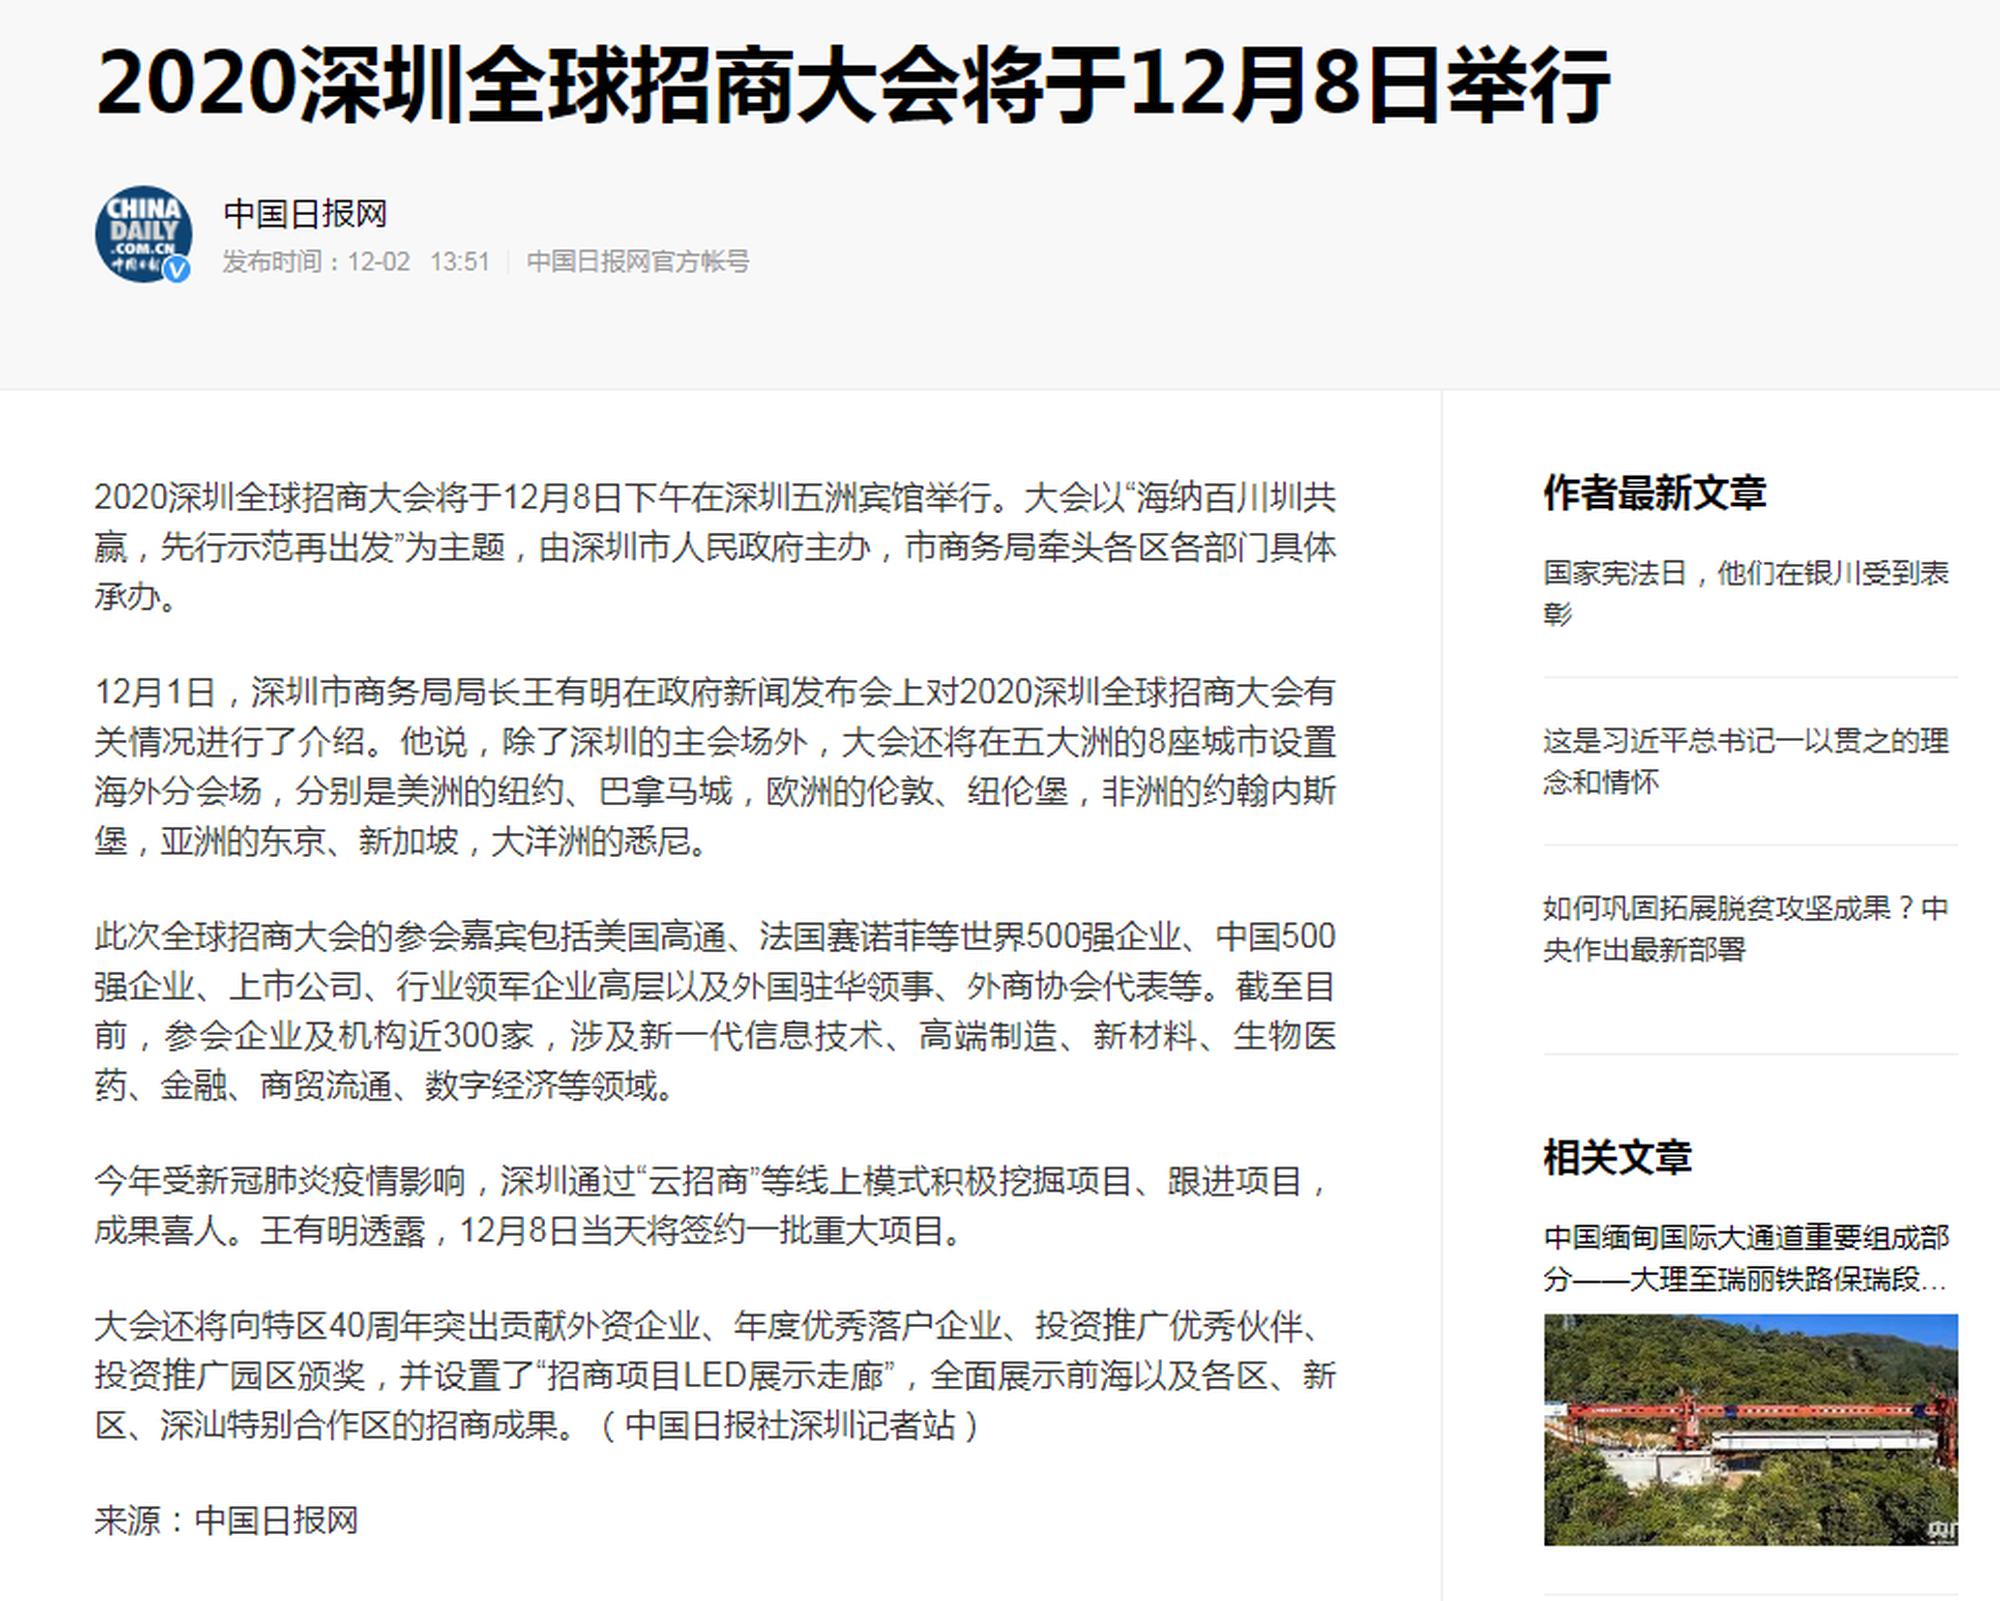 2020深圳全球招商大会将于12月8日举行